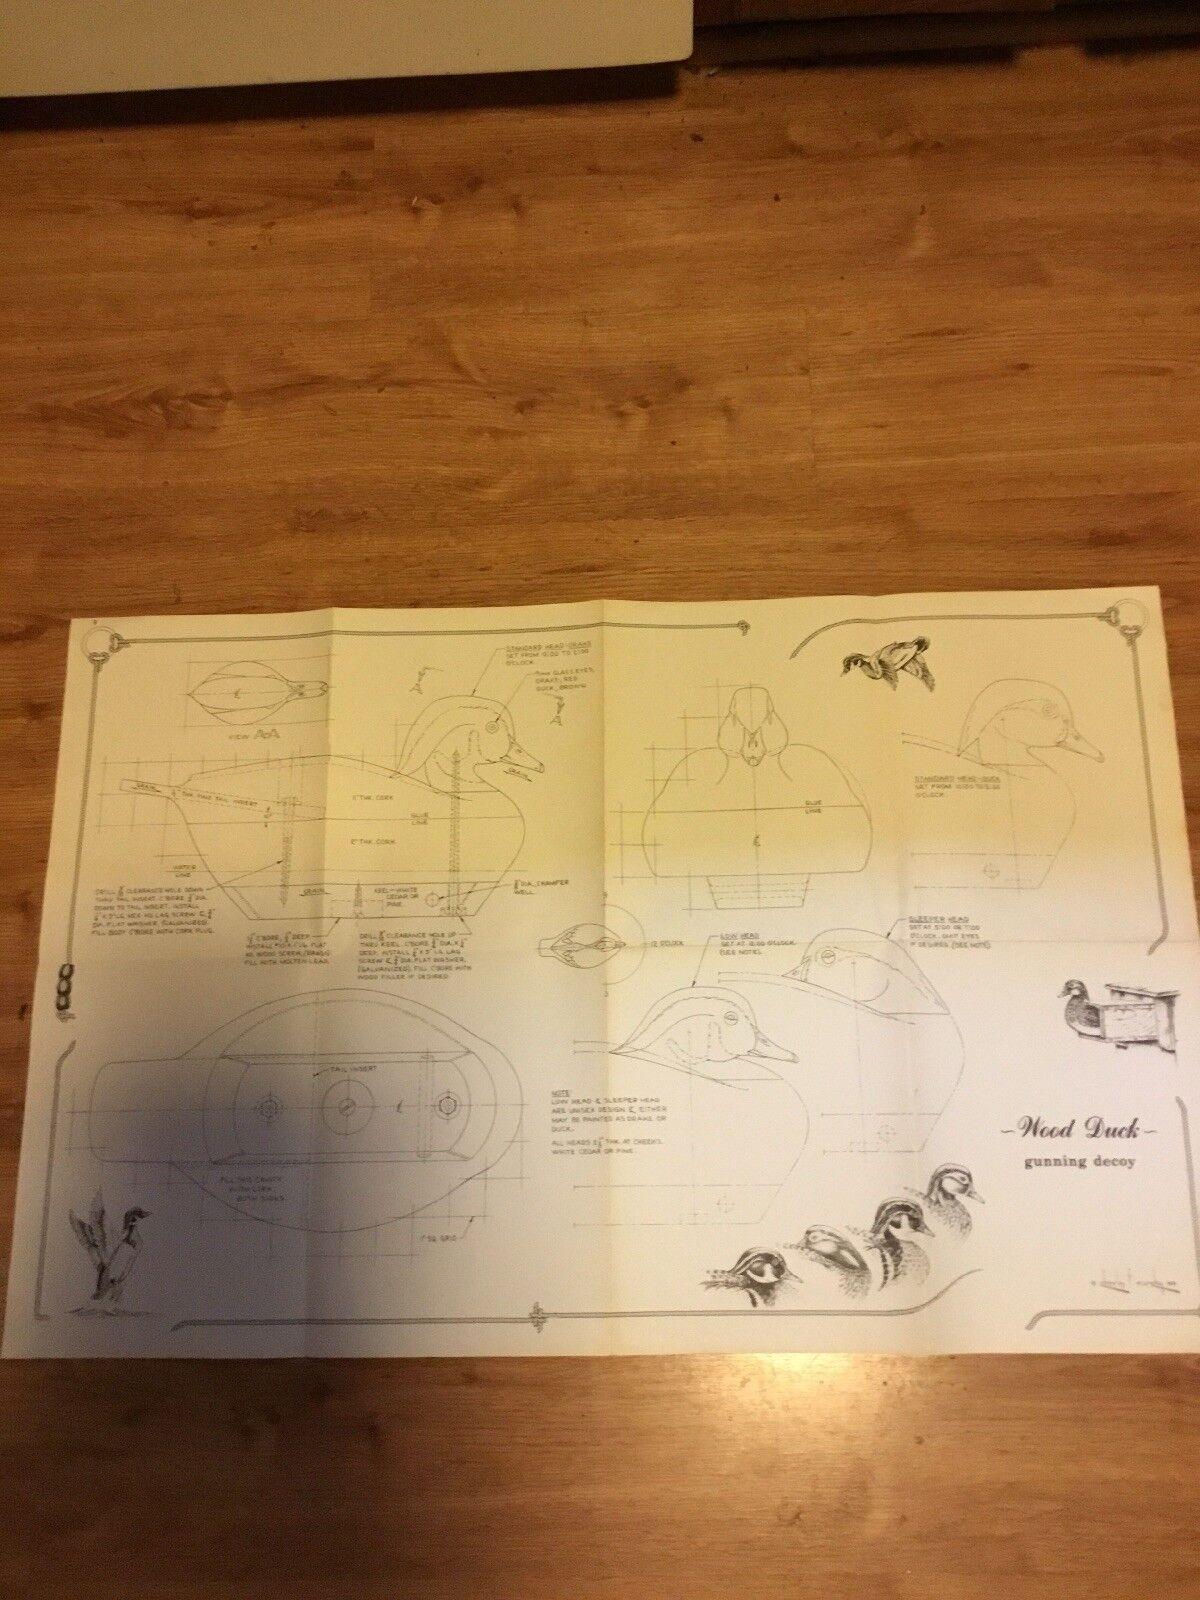 4 grandes planes de trabajo para Señuelos. Charles F Murphy. fechado 1978